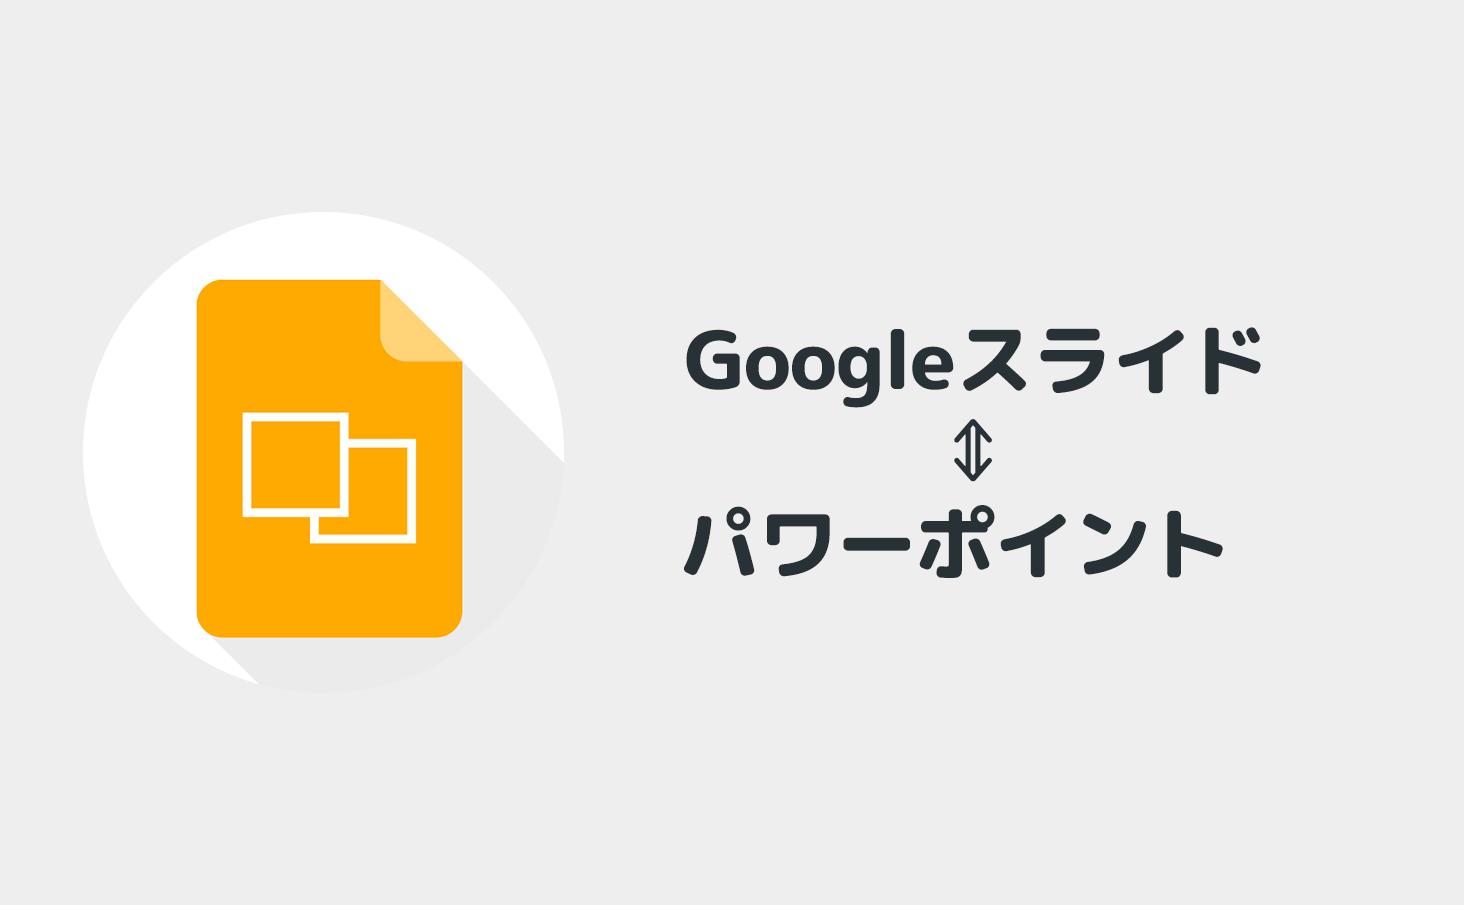 Googleスライド パワーポイント変換